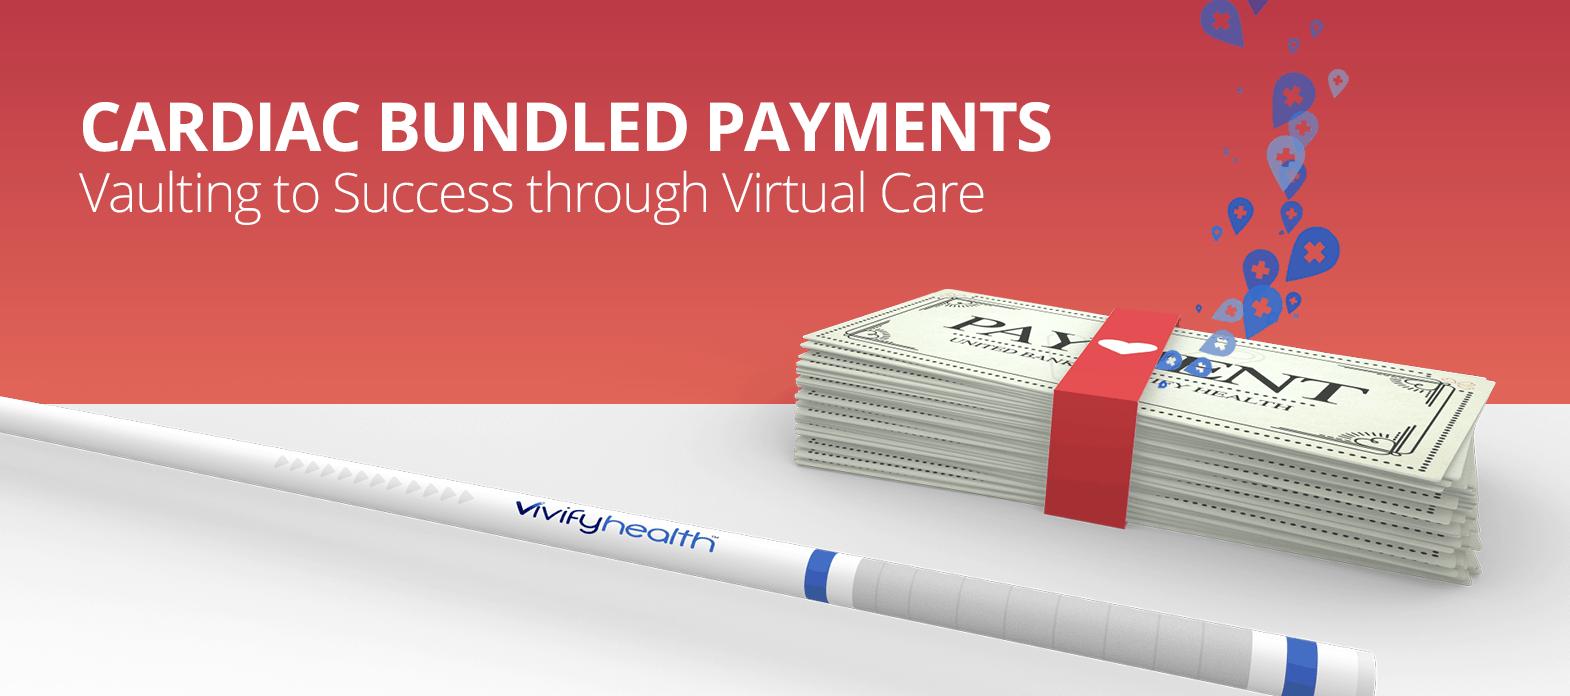 Cardiac Bundled Payments: Vaulting to Success Through Virtual Care